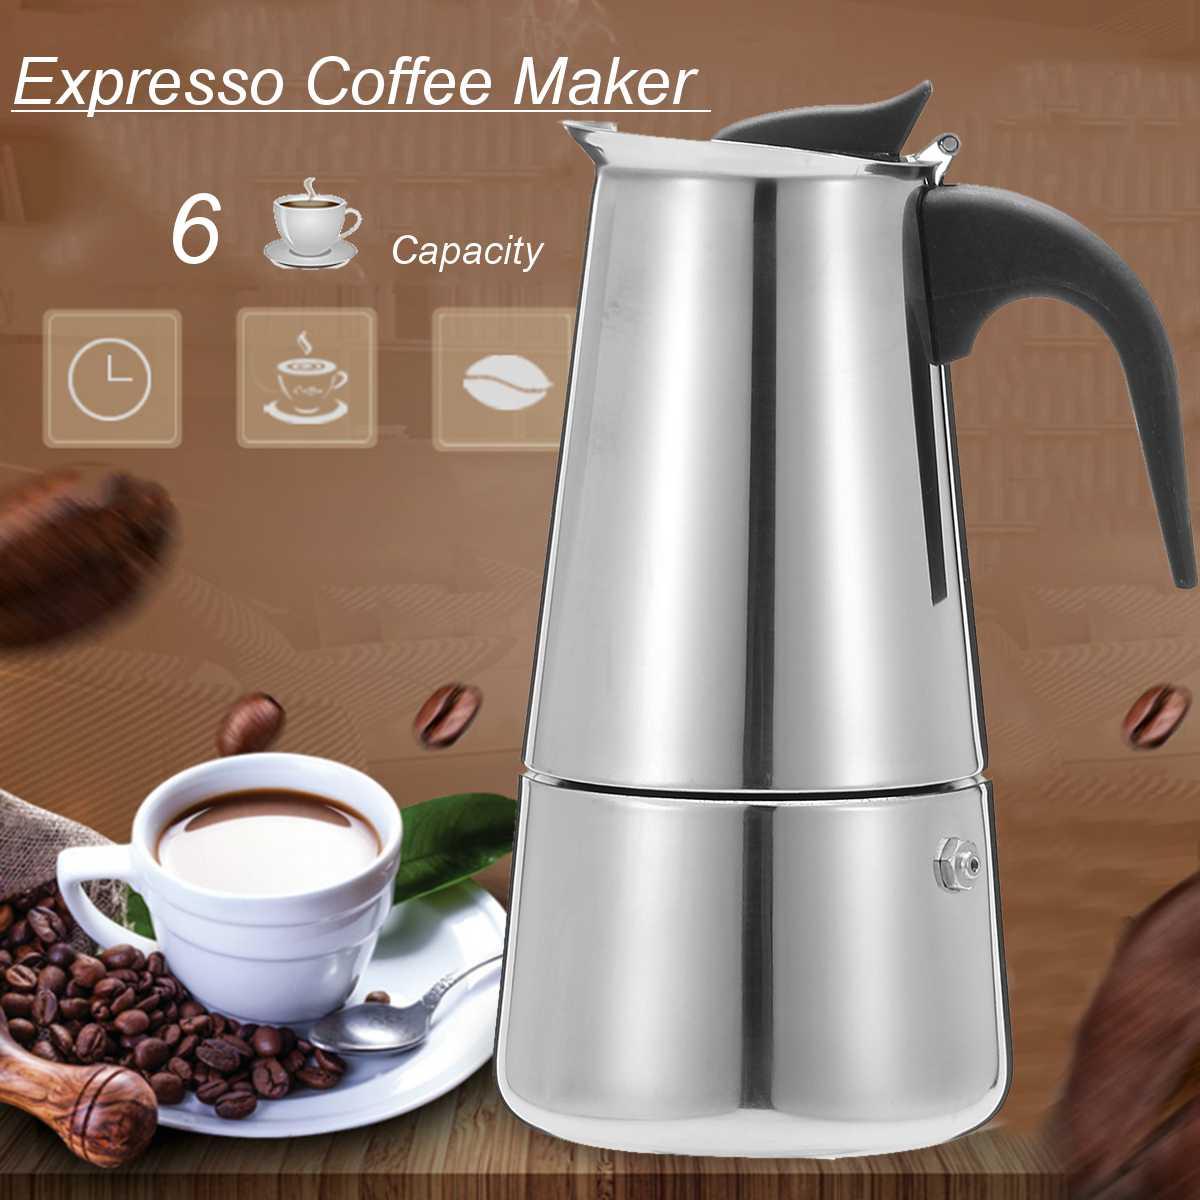 6 أكواب انفصال صانع القهوة وعاء موكا اسبريسو ماكينة القهوة الفولاذ المقاوم للصدأ لاتيه تصفية موكا صانع القهوة وعاء للمطبخ